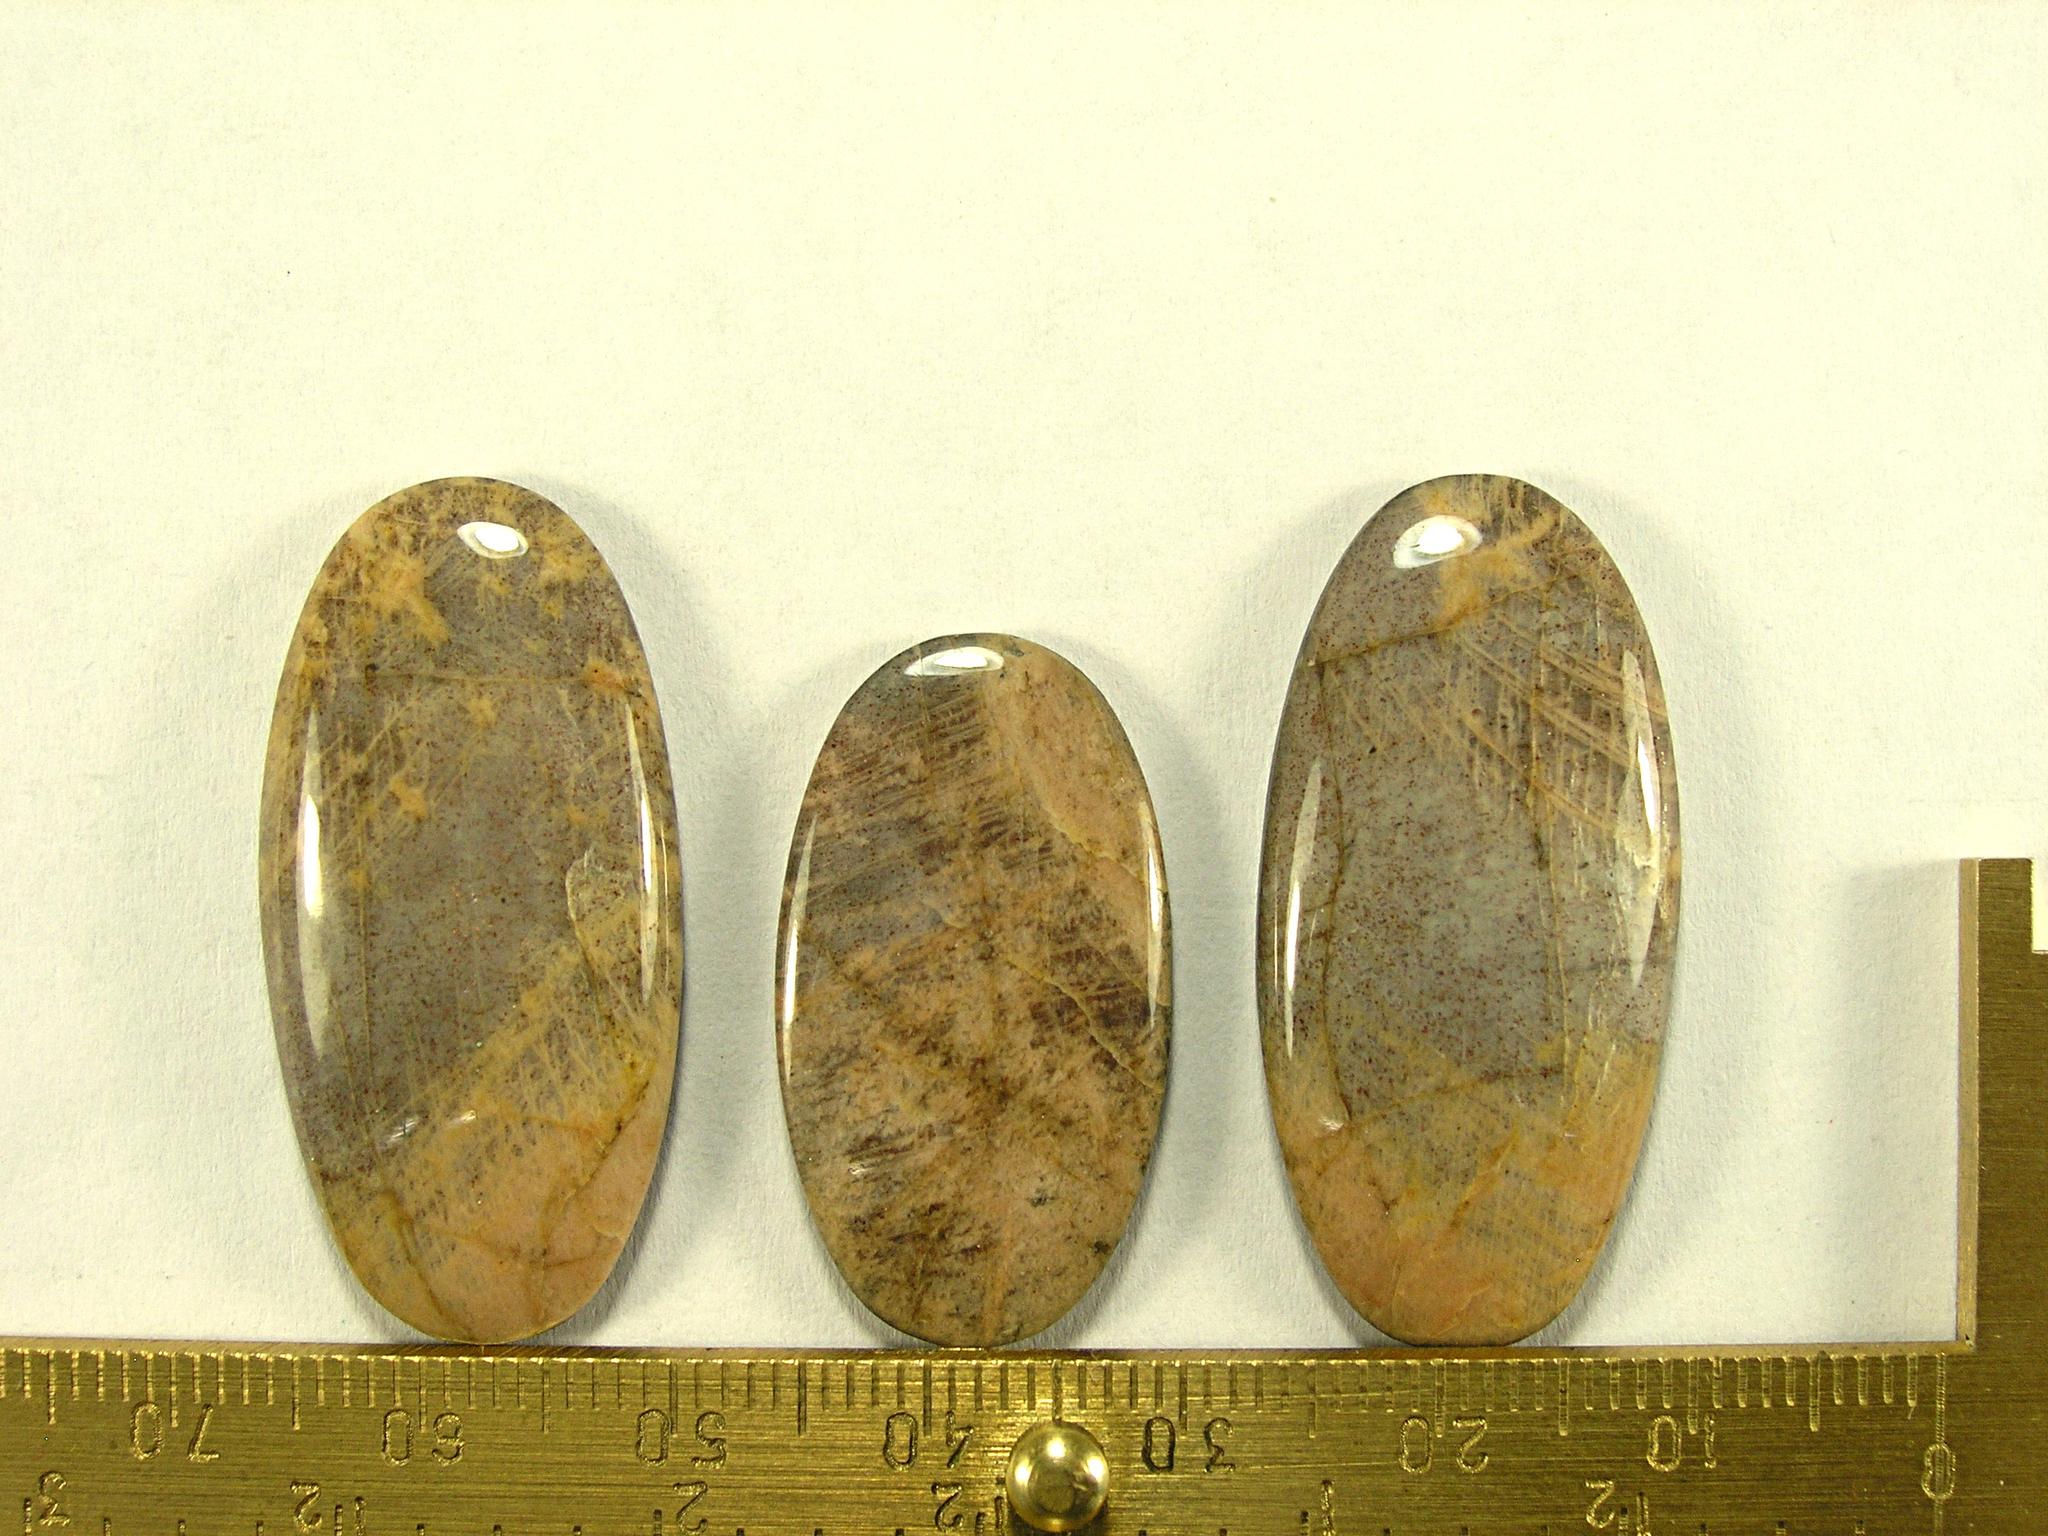 Комплект кабошонов солнечного камня 35x17x4 - 2 шт., 28x16x3 - 1 шт.